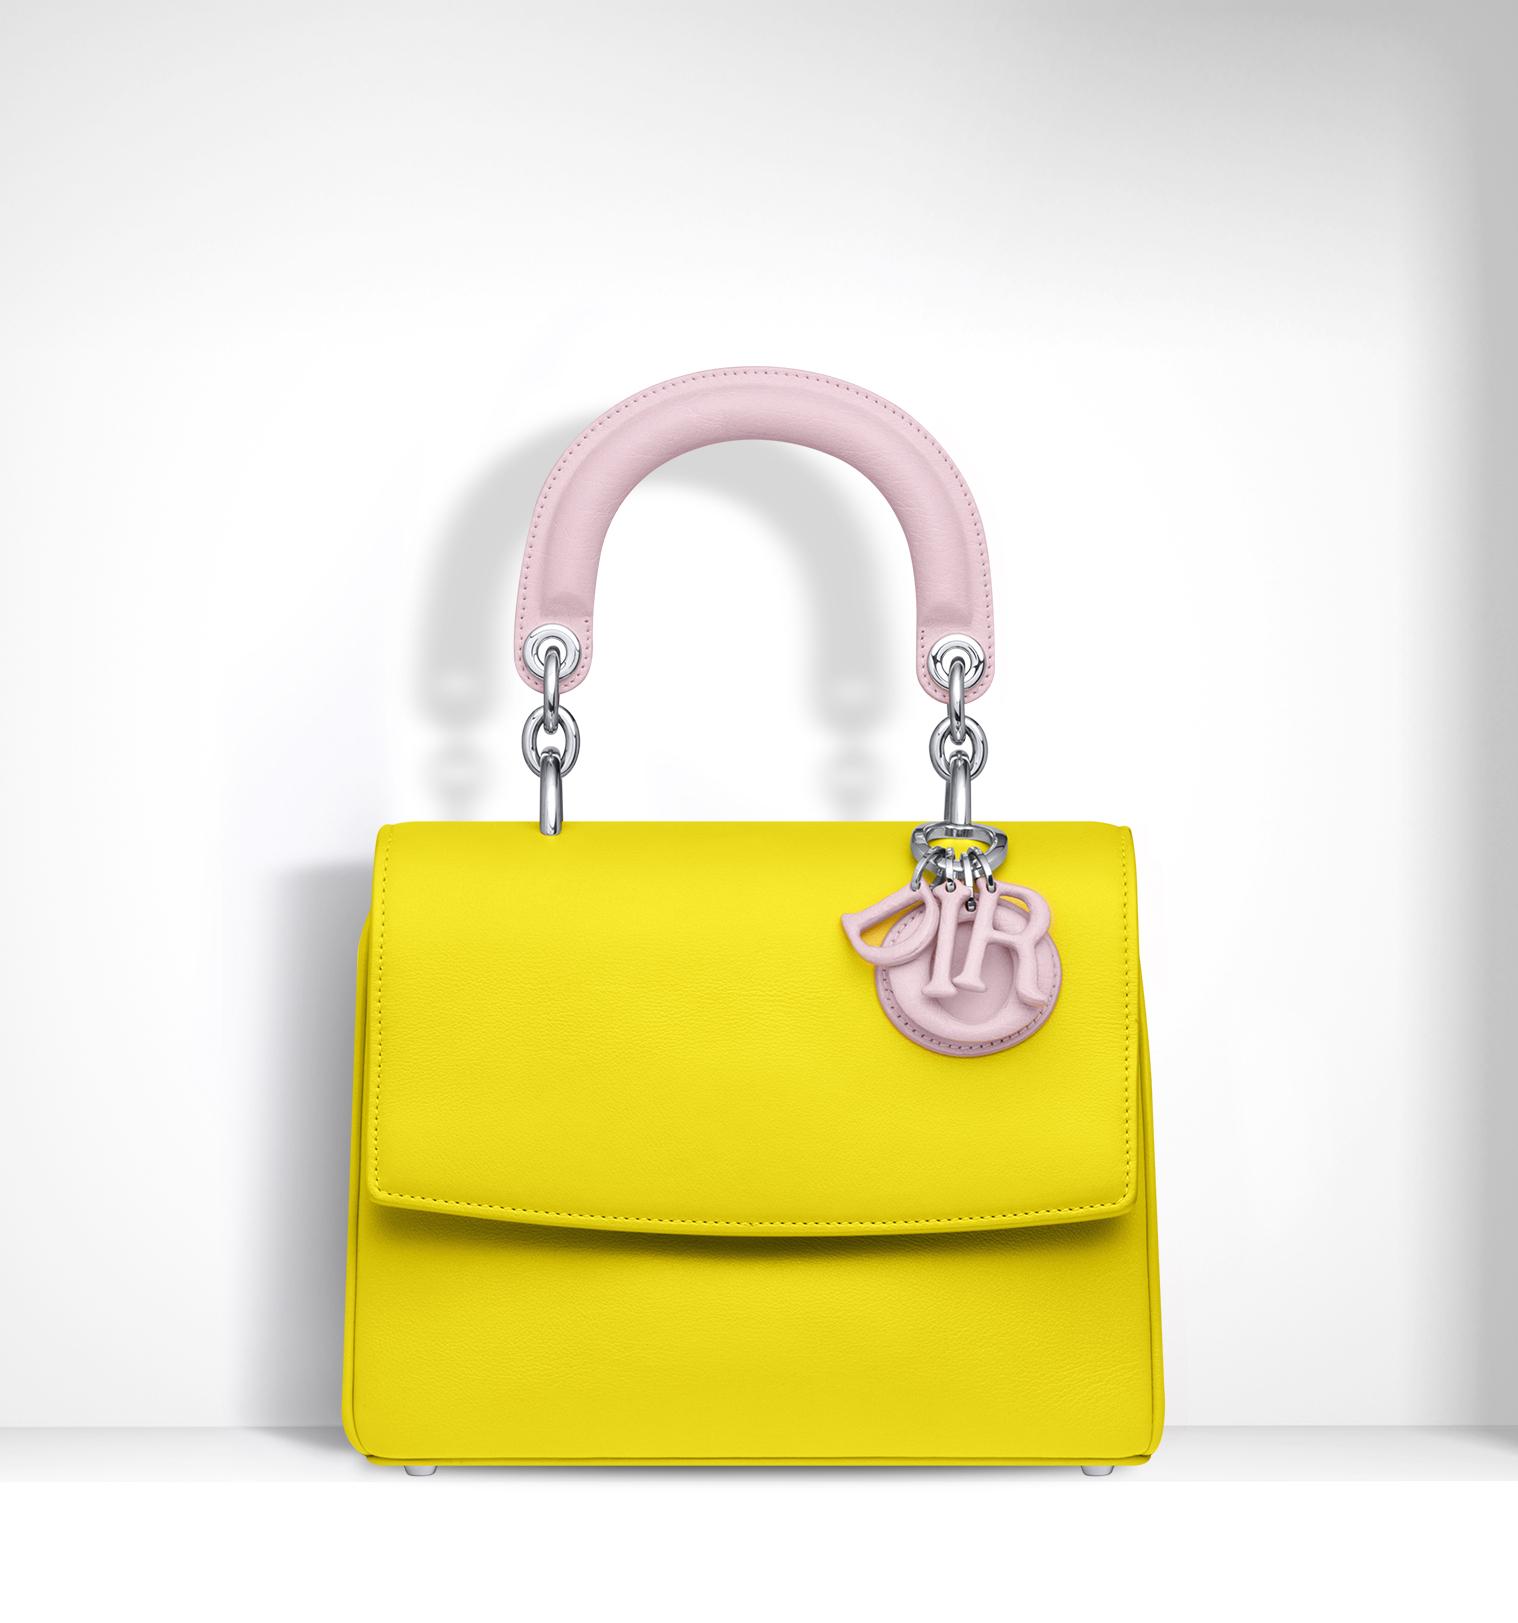 صفراء ماركة ديور yellow dior